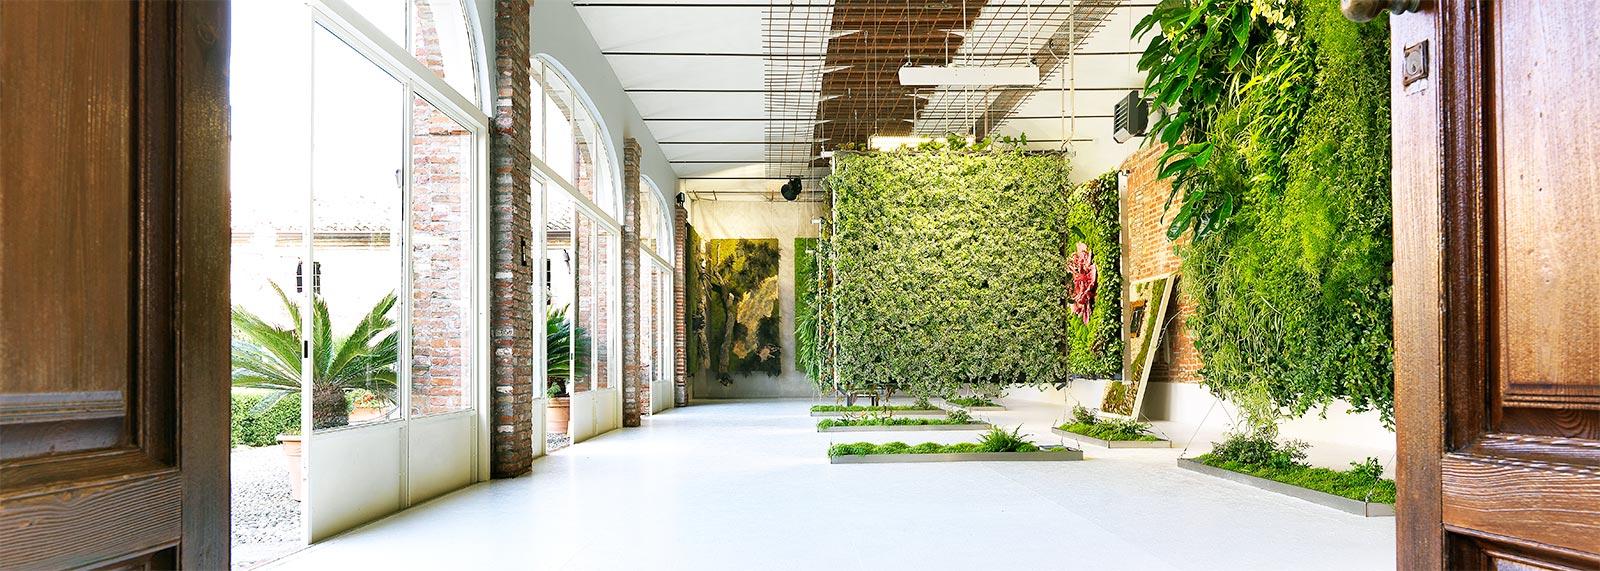 Pareti Verdi Interni.Realizzazione Giardini Verticali Pareti Verdi Verticali